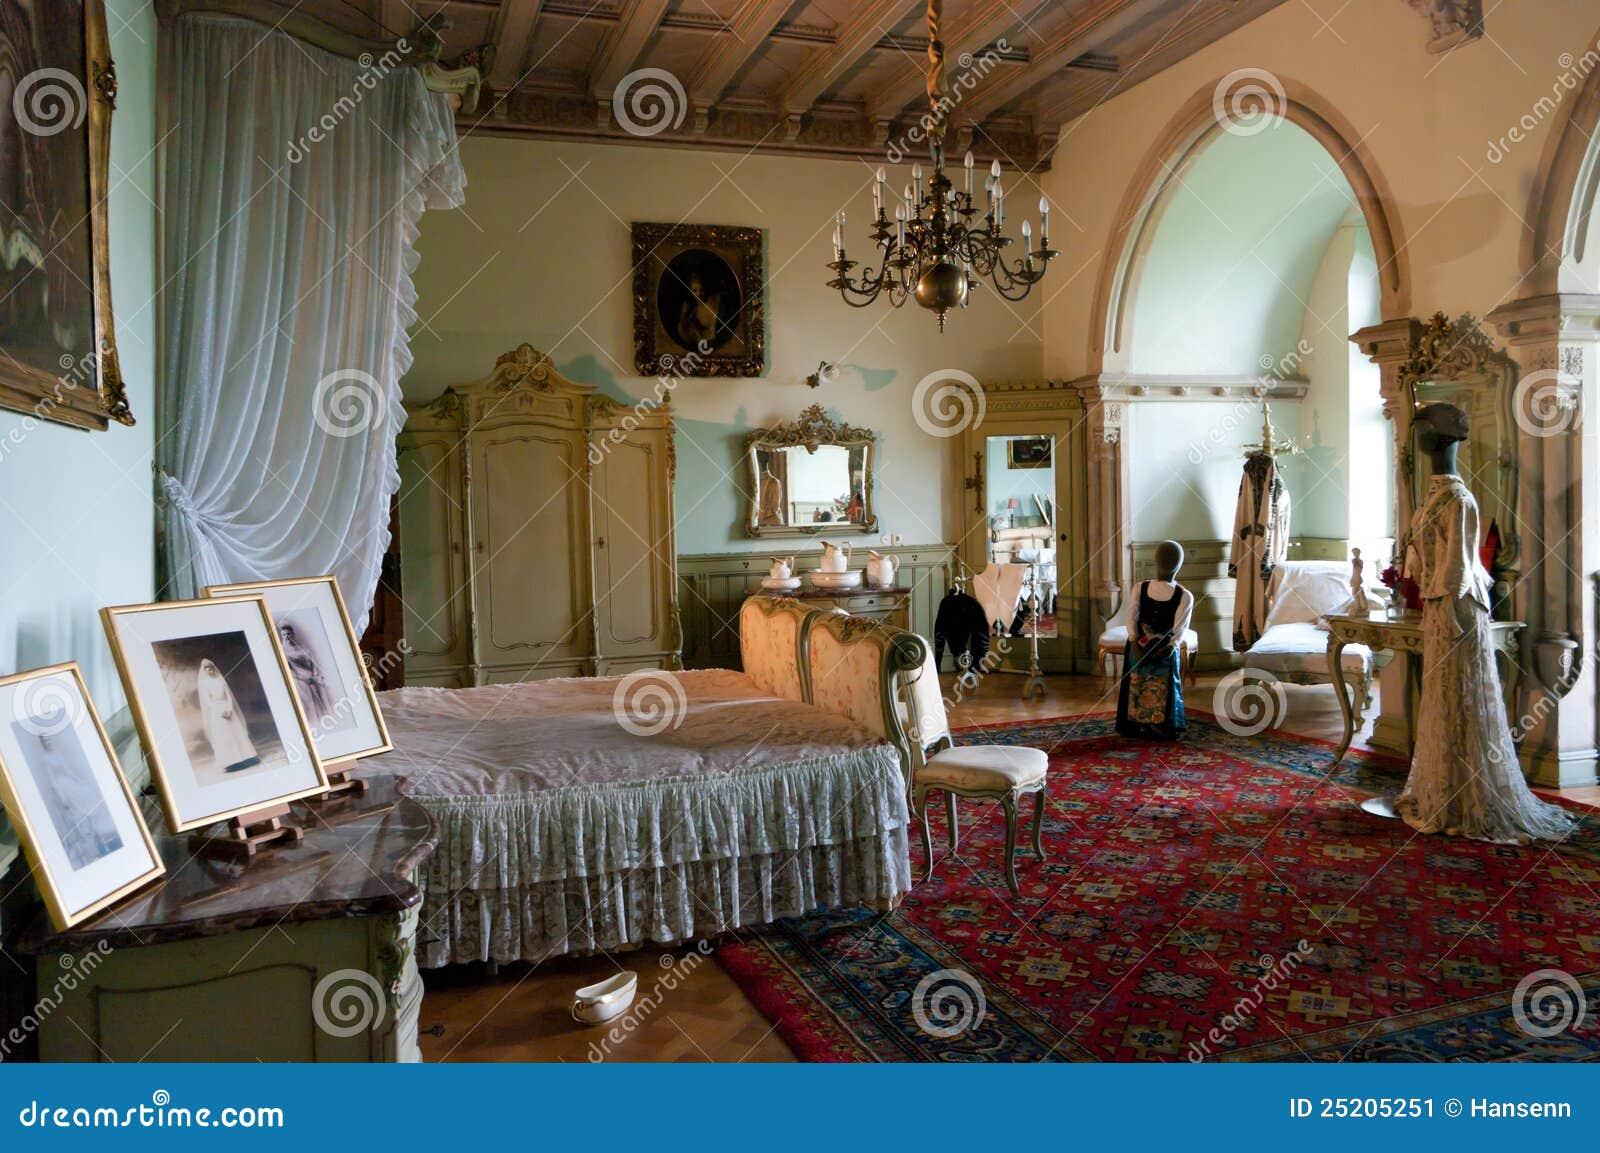 Camera da letto antica fotografia editoriale. Immagine di ...